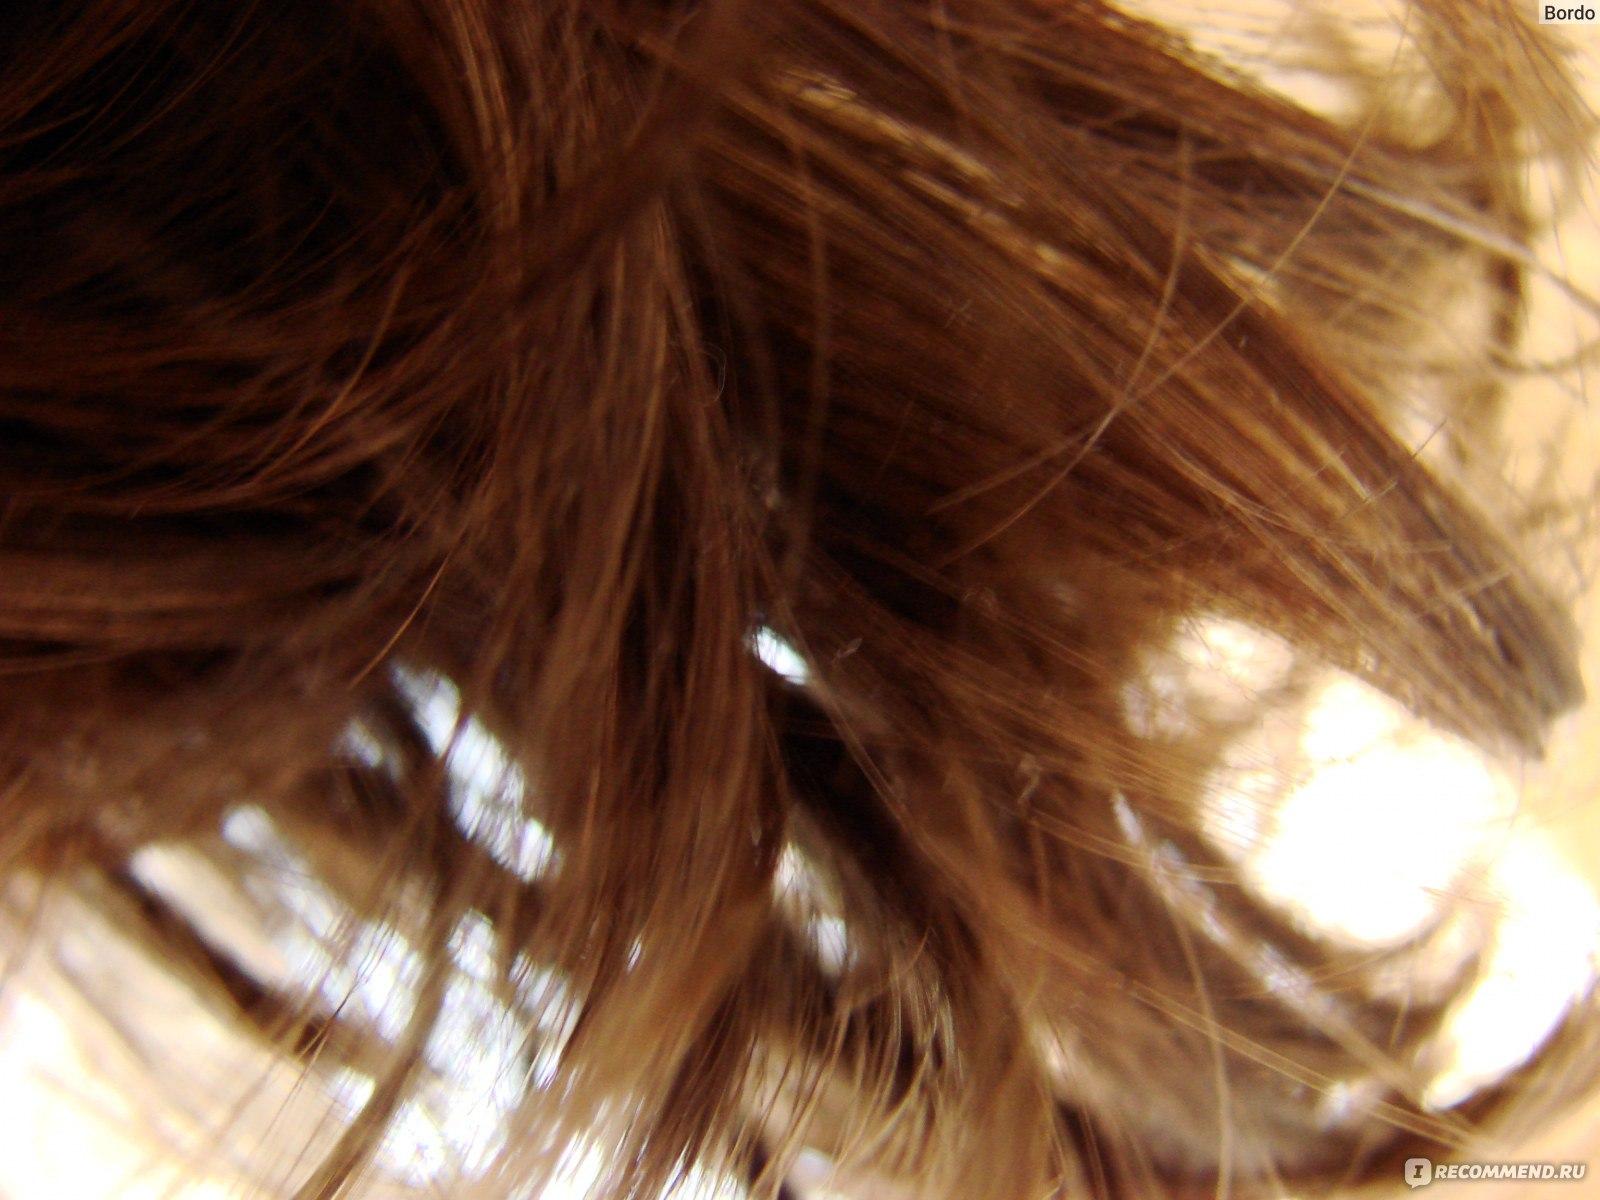 Как убрать запах от волос без мытья